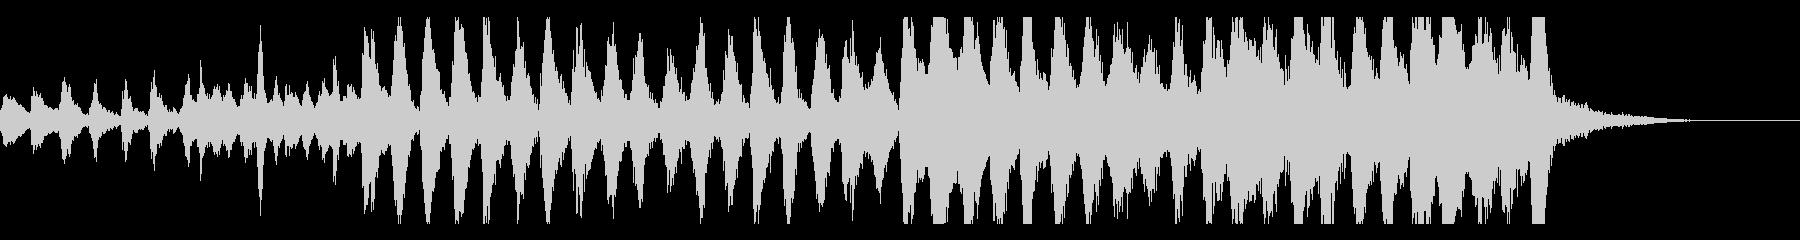 ストリングスとハープのバロック風の未再生の波形